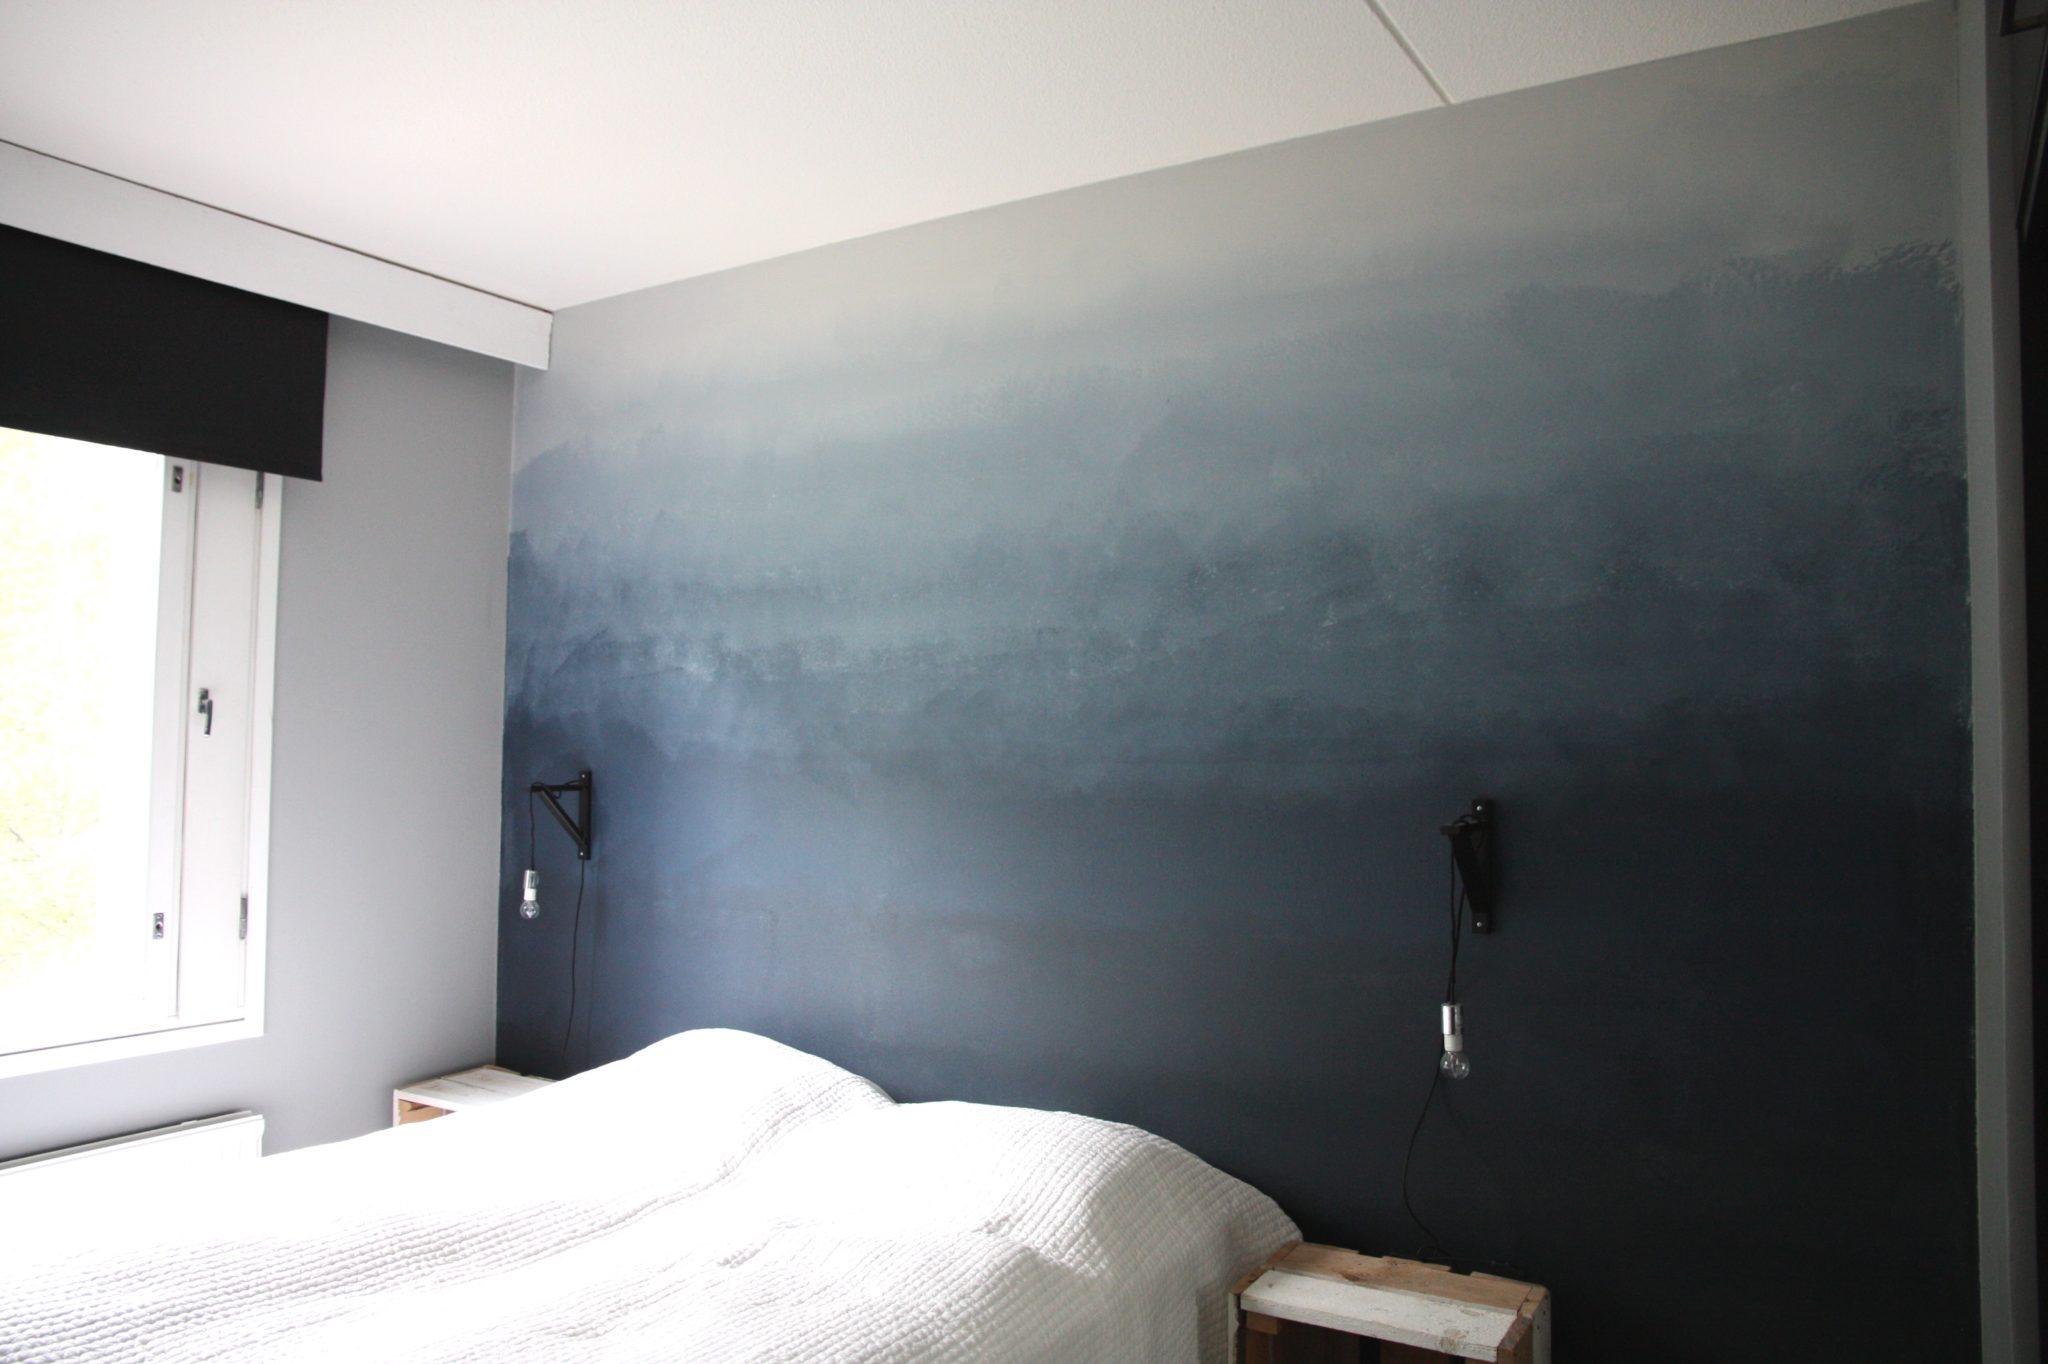 diy liukuvärjätty seinä